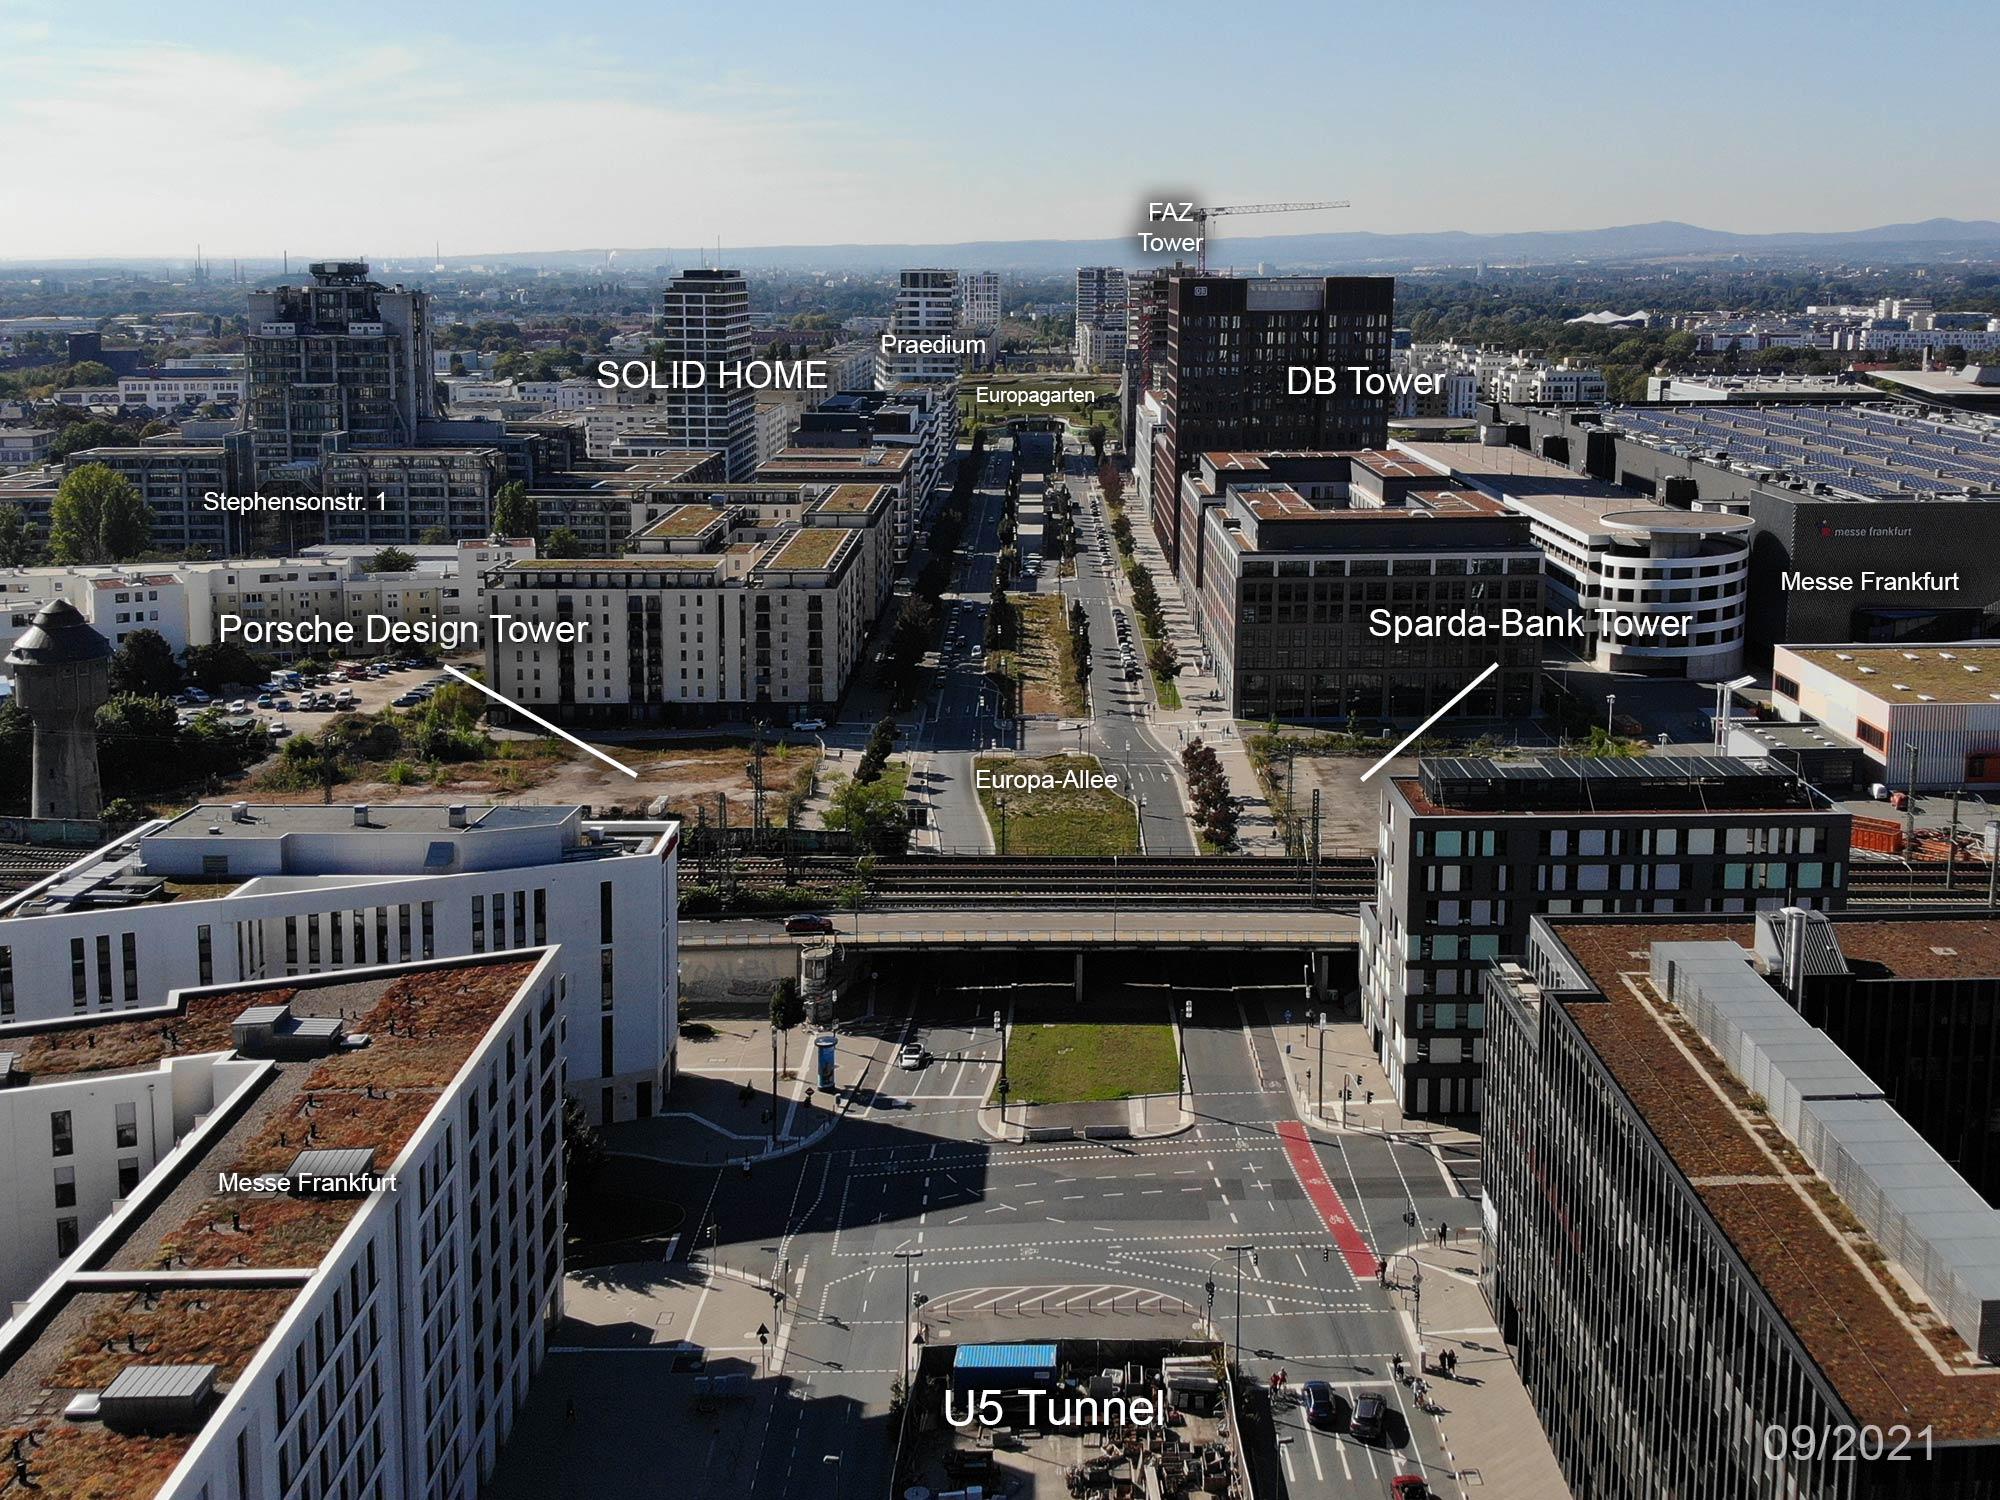 FFM Europa Viertel - Frankfurt am Main Europaviertel Panorama - September 2021- Bahnstrecke - Porsche Design Tower - Deutsche Bahn - geplante Hochhäuser